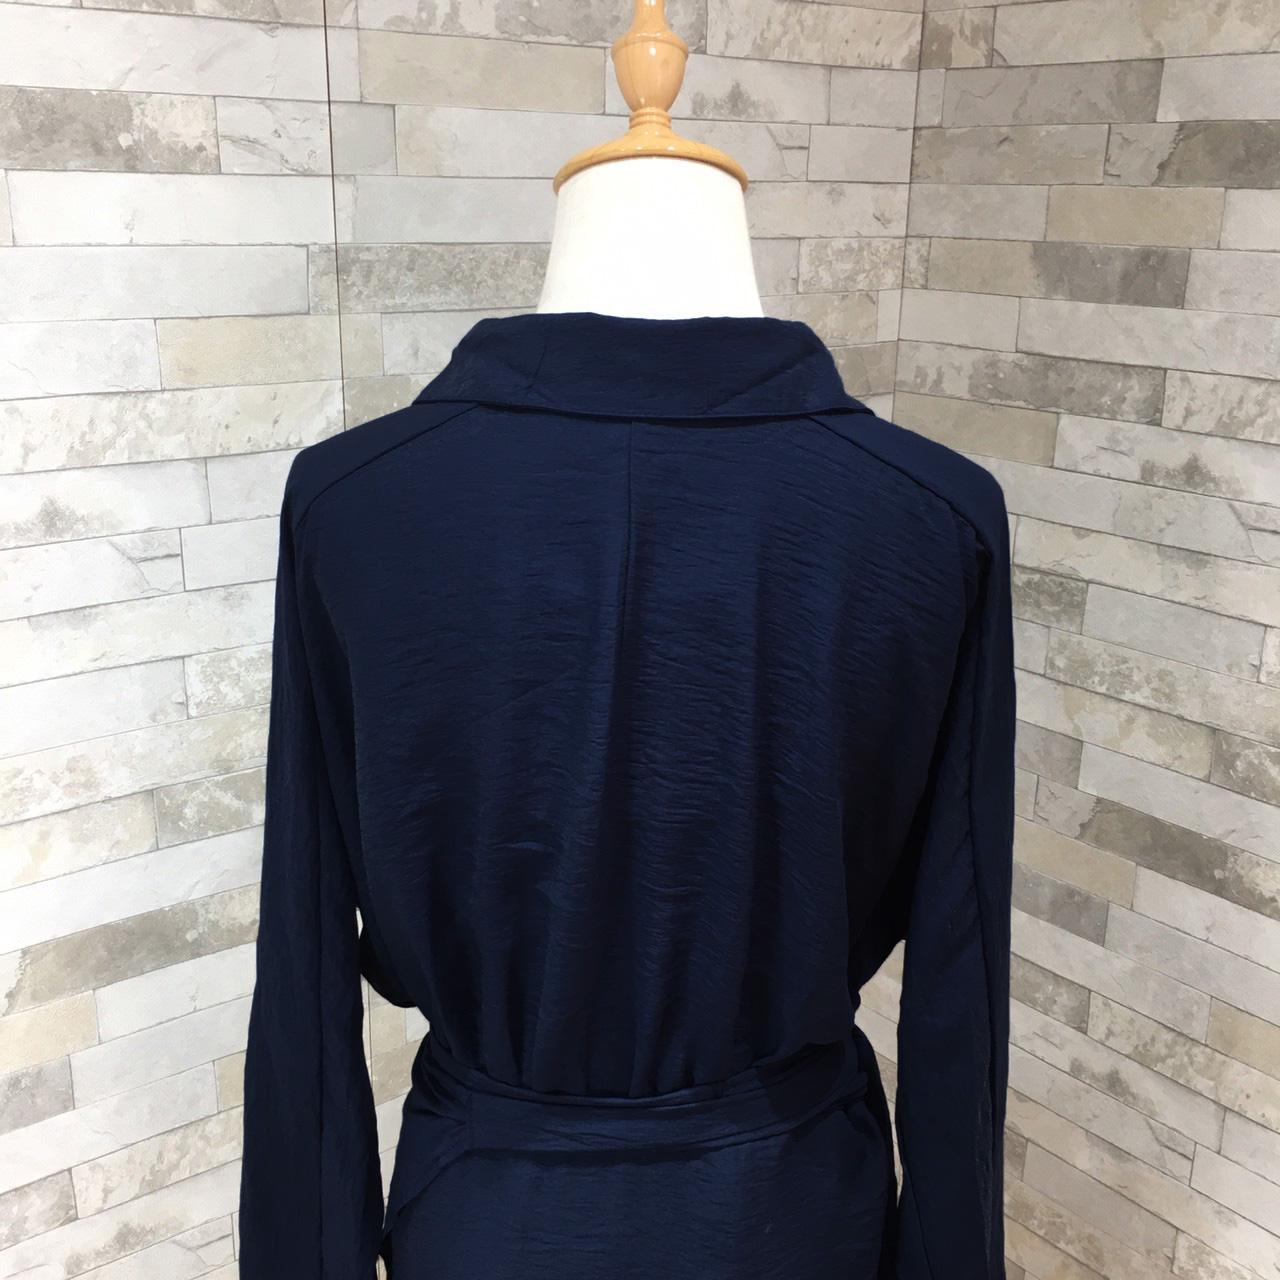 韓国 ファッション ワンピース 春 秋 冬 カジュアル PTXH836  カシュクール 襟付き ウエストマーク オフィス オルチャン シンプル 定番 セレカジの写真15枚目